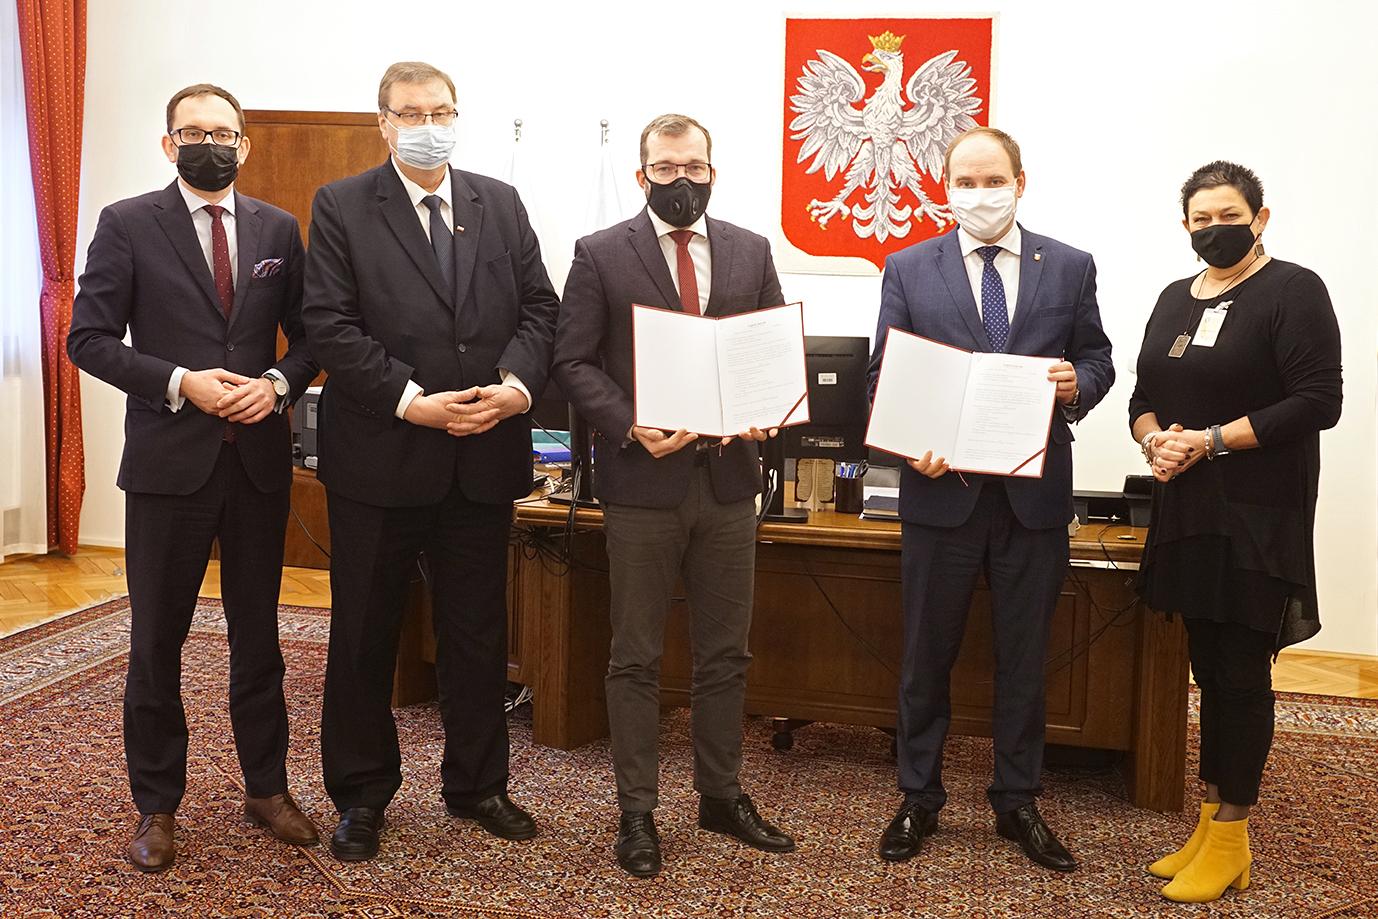 Zespół Szkół Rolniczych im. Władysława Grabskiego w Sędziejowicach dołączy do grupy szkół resortowych